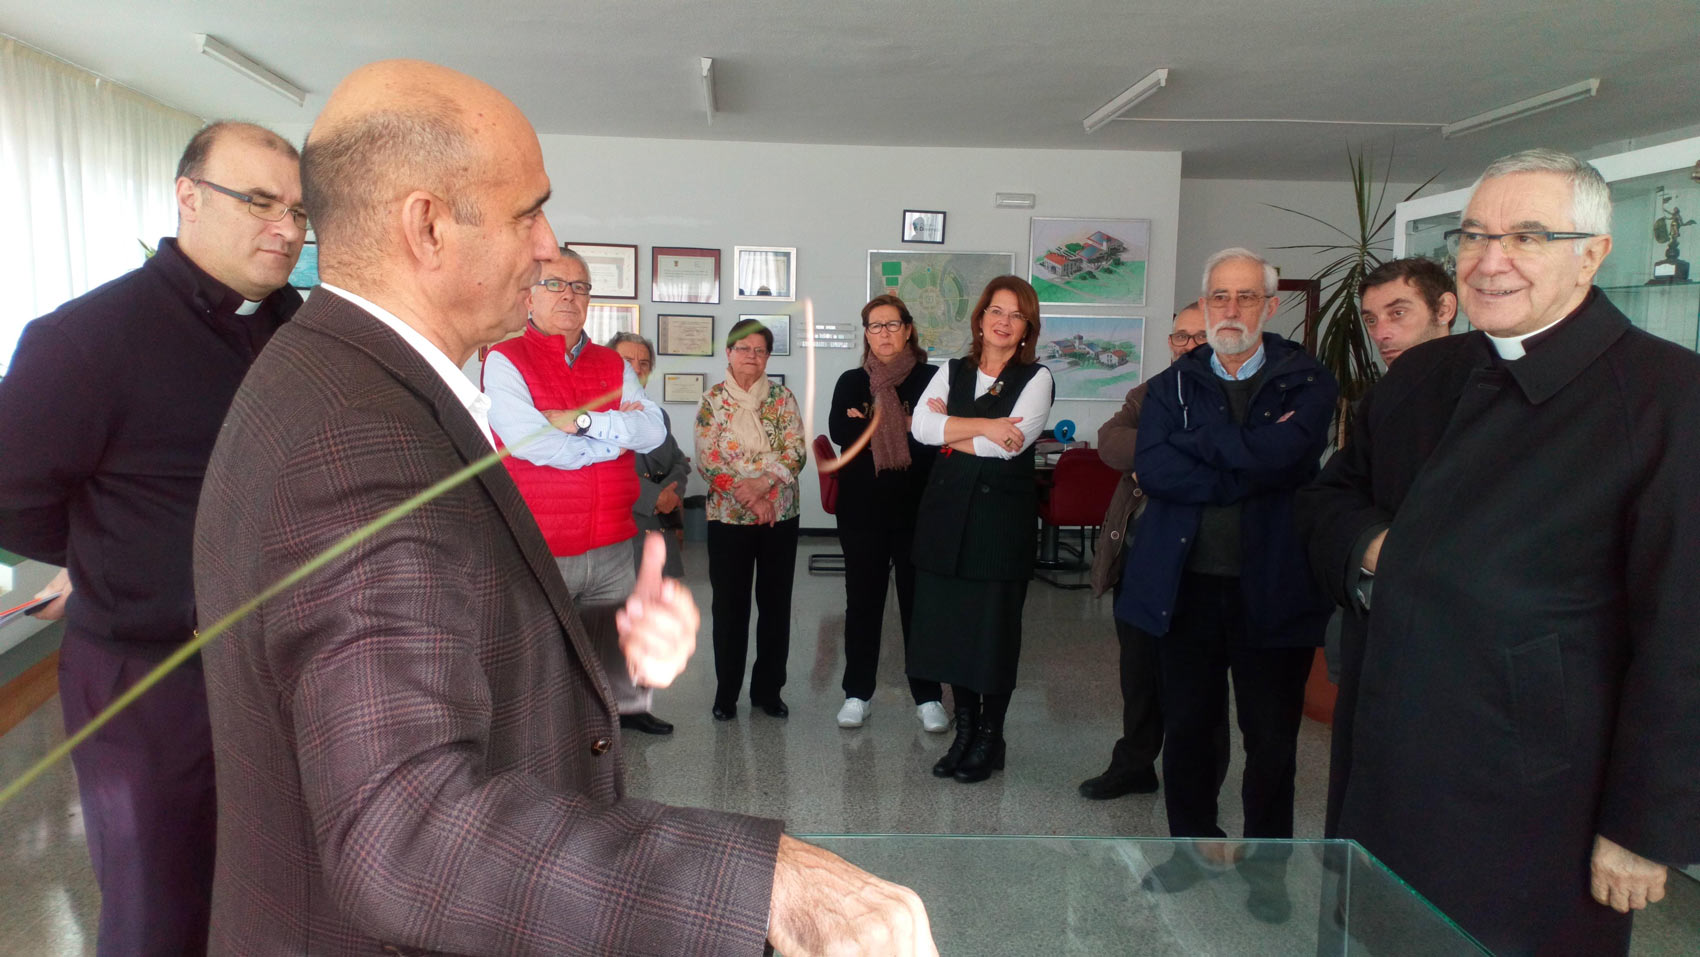 Visita del Obispo de la diócesis de Santander al Centro de Recursos de Amica